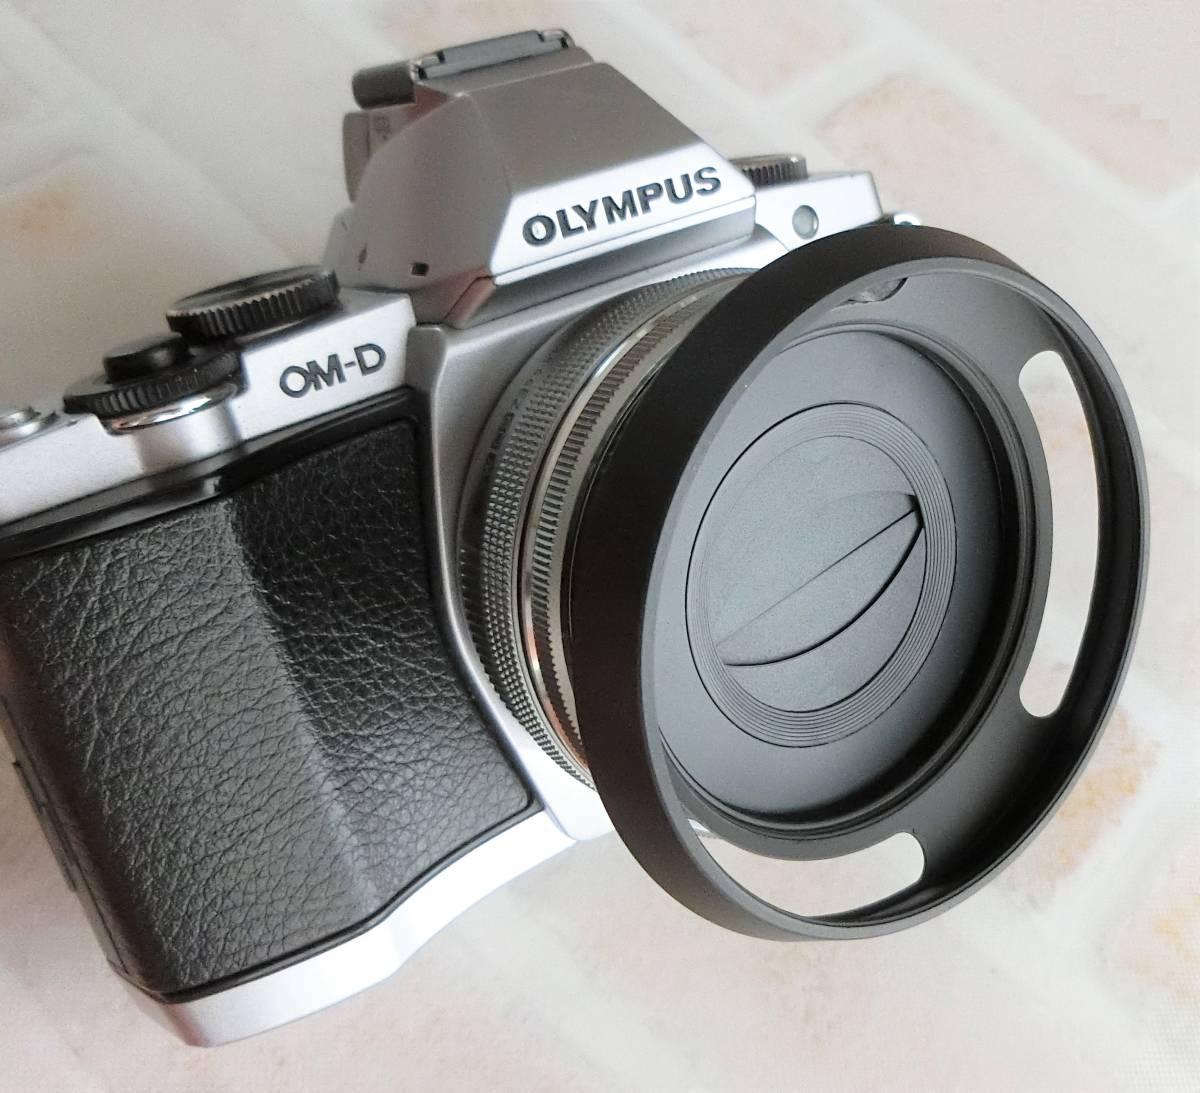 【新品/送料185円】OLYMPAS 黒 フード付き 自動開閉式レンズキャップ LC-37C-20 オリンパス E-M10 E-M5 E-M1 レンズ キャップ ブラック JJC_画像2